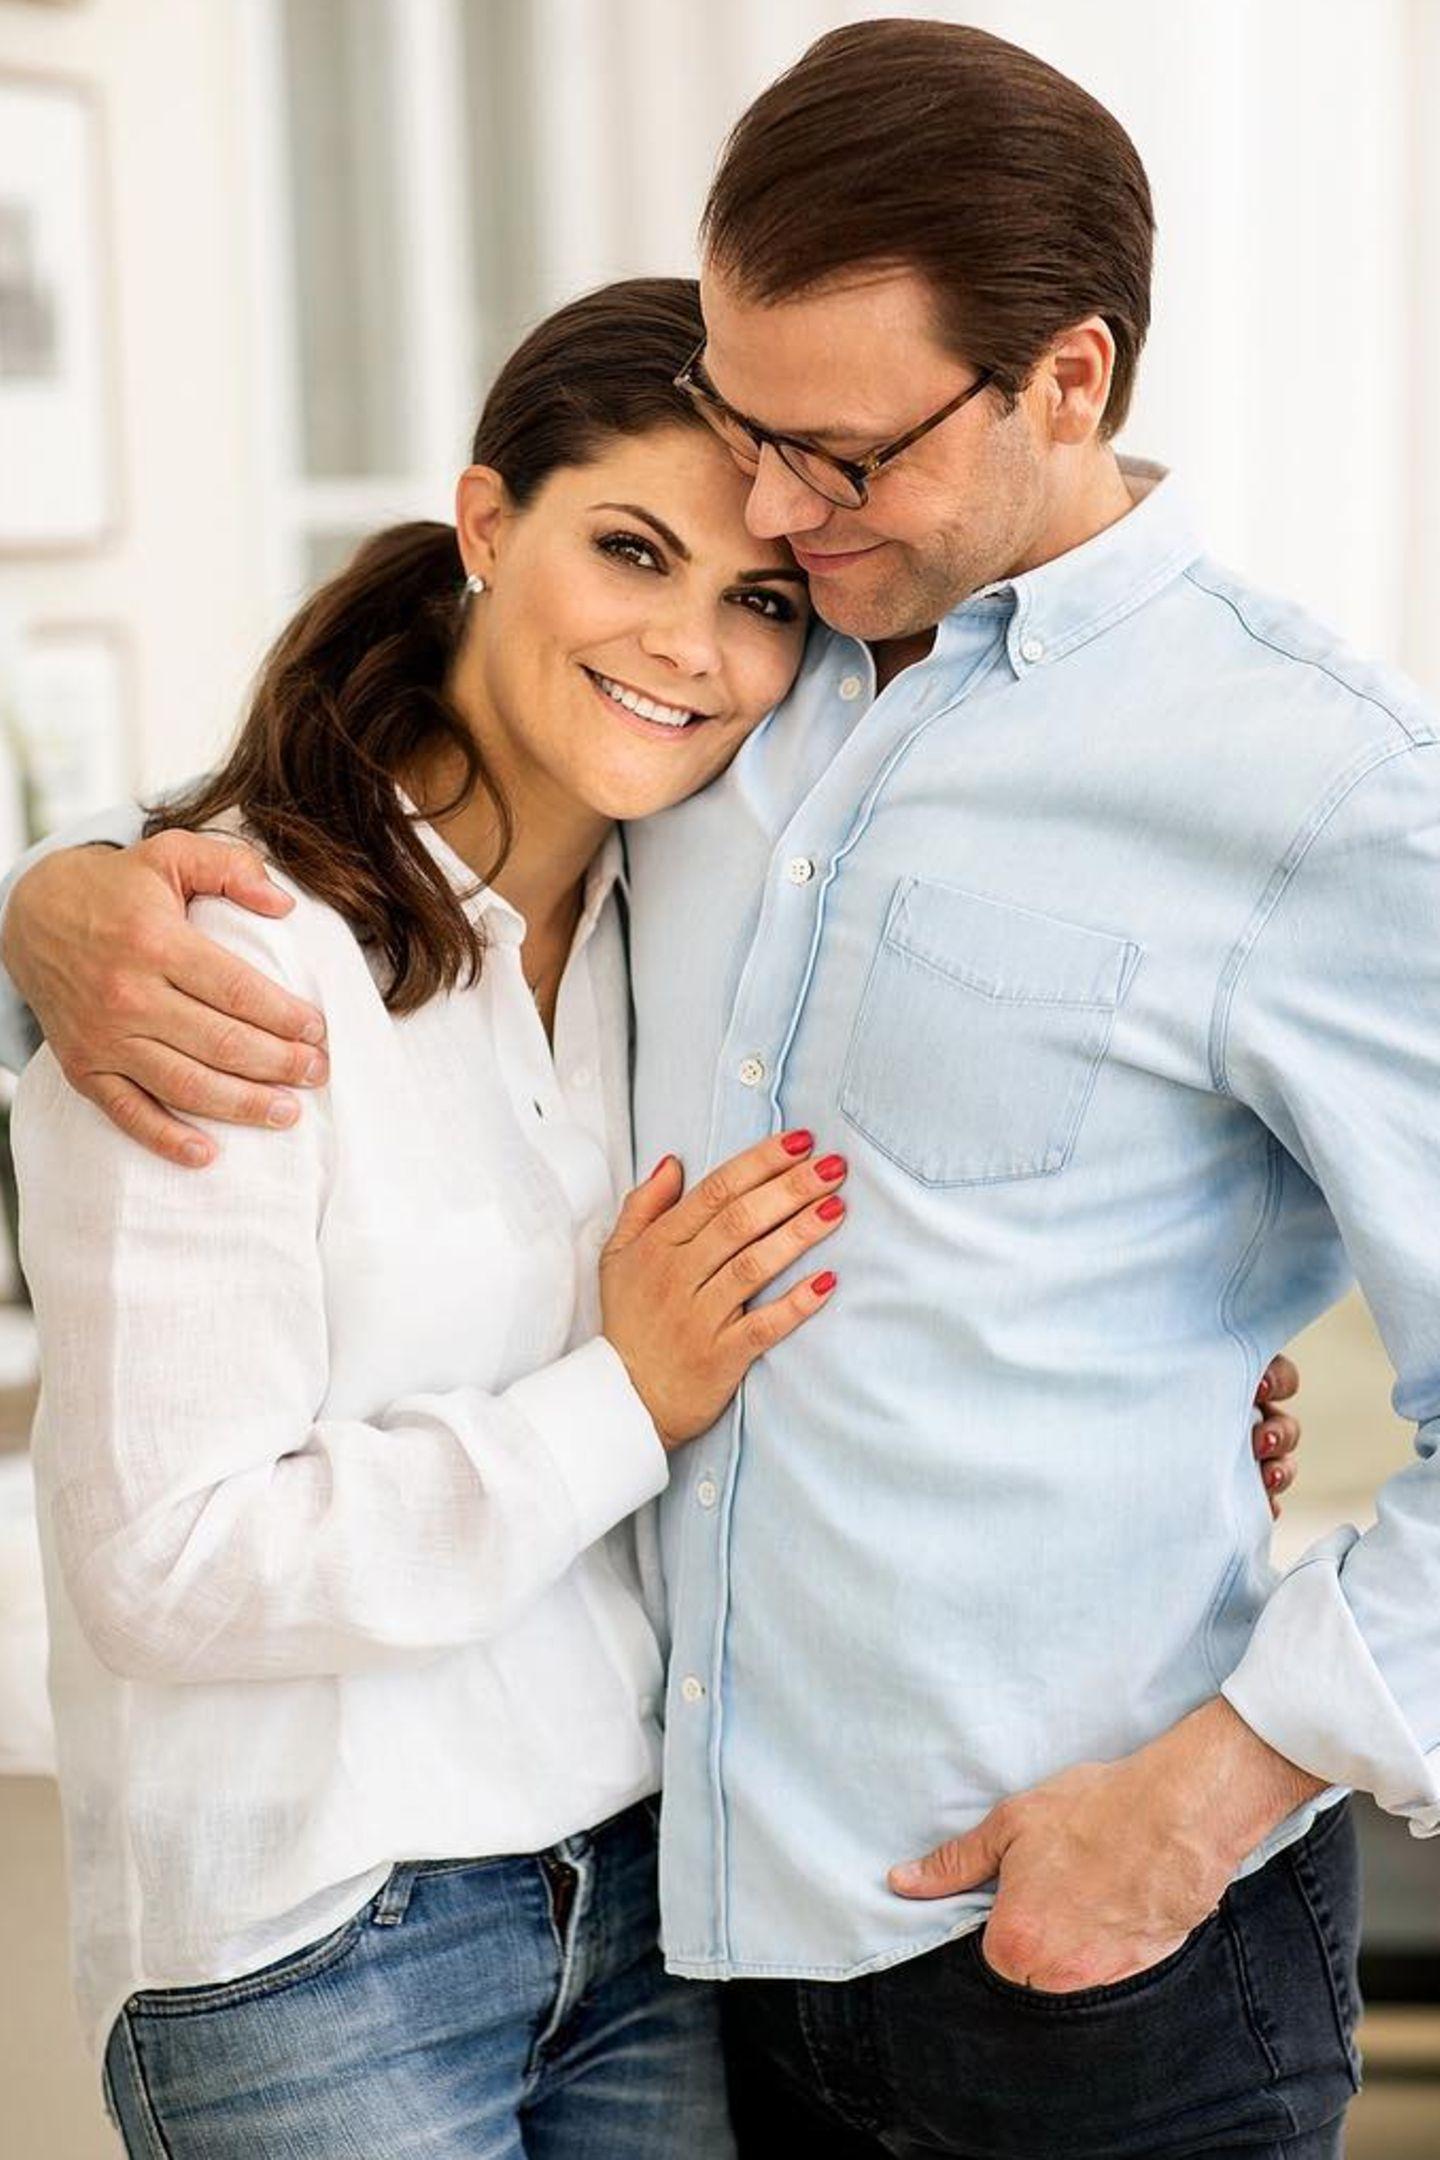 24. Februar 2019   Heute vor 10 Jahren haben Prinzessin Victoria und Prinz Daniel (damals Daniel Westling) ihre Verlobung bekannt gegeben. Zur Feier des Tages freut sich das königliche Paar, ein privates Pärchenfoto teilen zu können. Als Sahnehäubchen oben drauf, gibt es noch ein weiteres ...